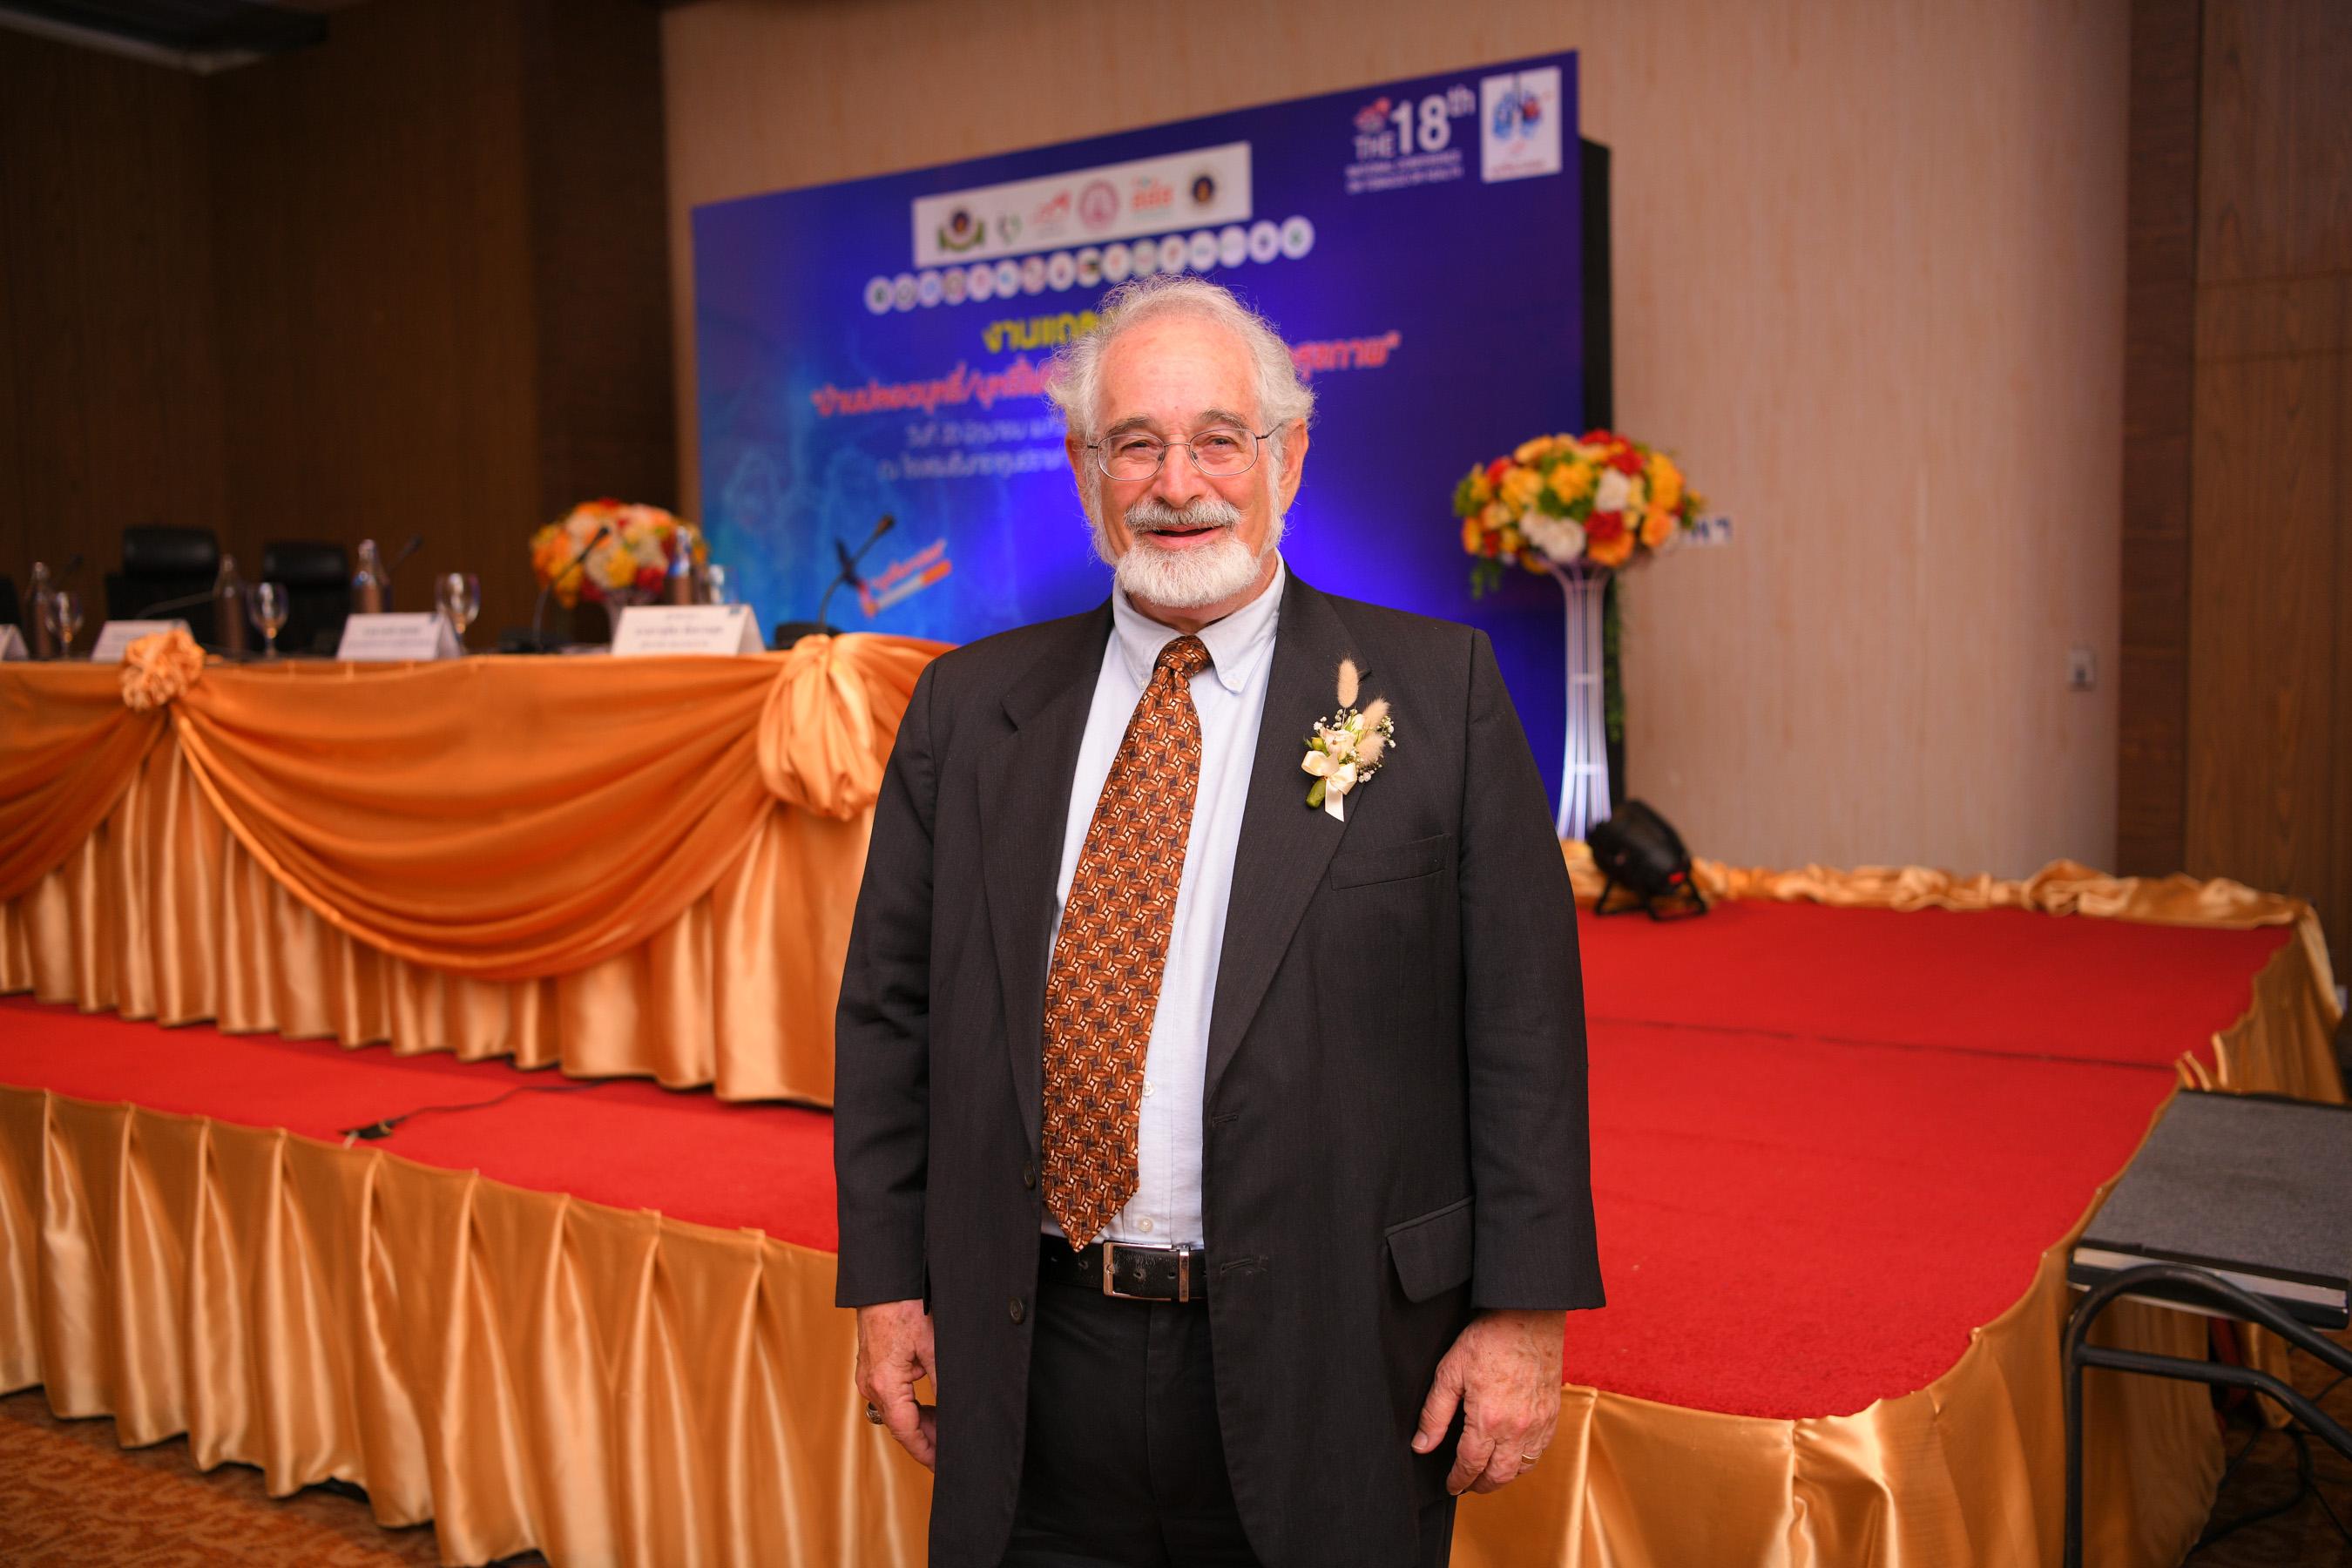 """เตือน """"บ้านต้องปลอดควันบุหรี่100%"""" บ้านที่มีคนสูบบุหรี่เสี่ยงมะเร็งปอดเพิ่ม24%  thaihealth"""